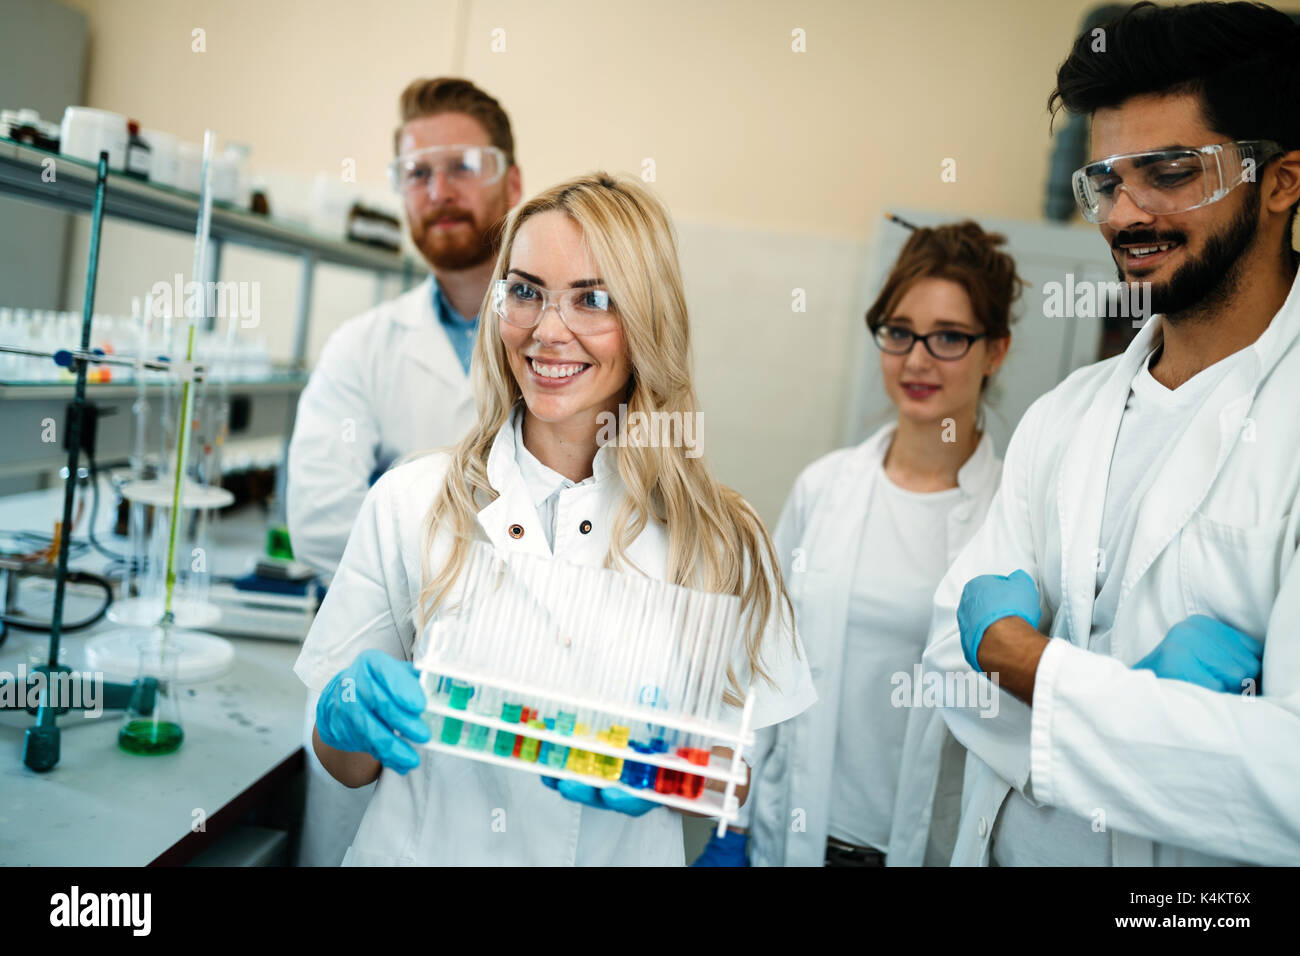 Gruppe junge erfolgreiche Wissenschaftler für die Kamera posieren Stockbild